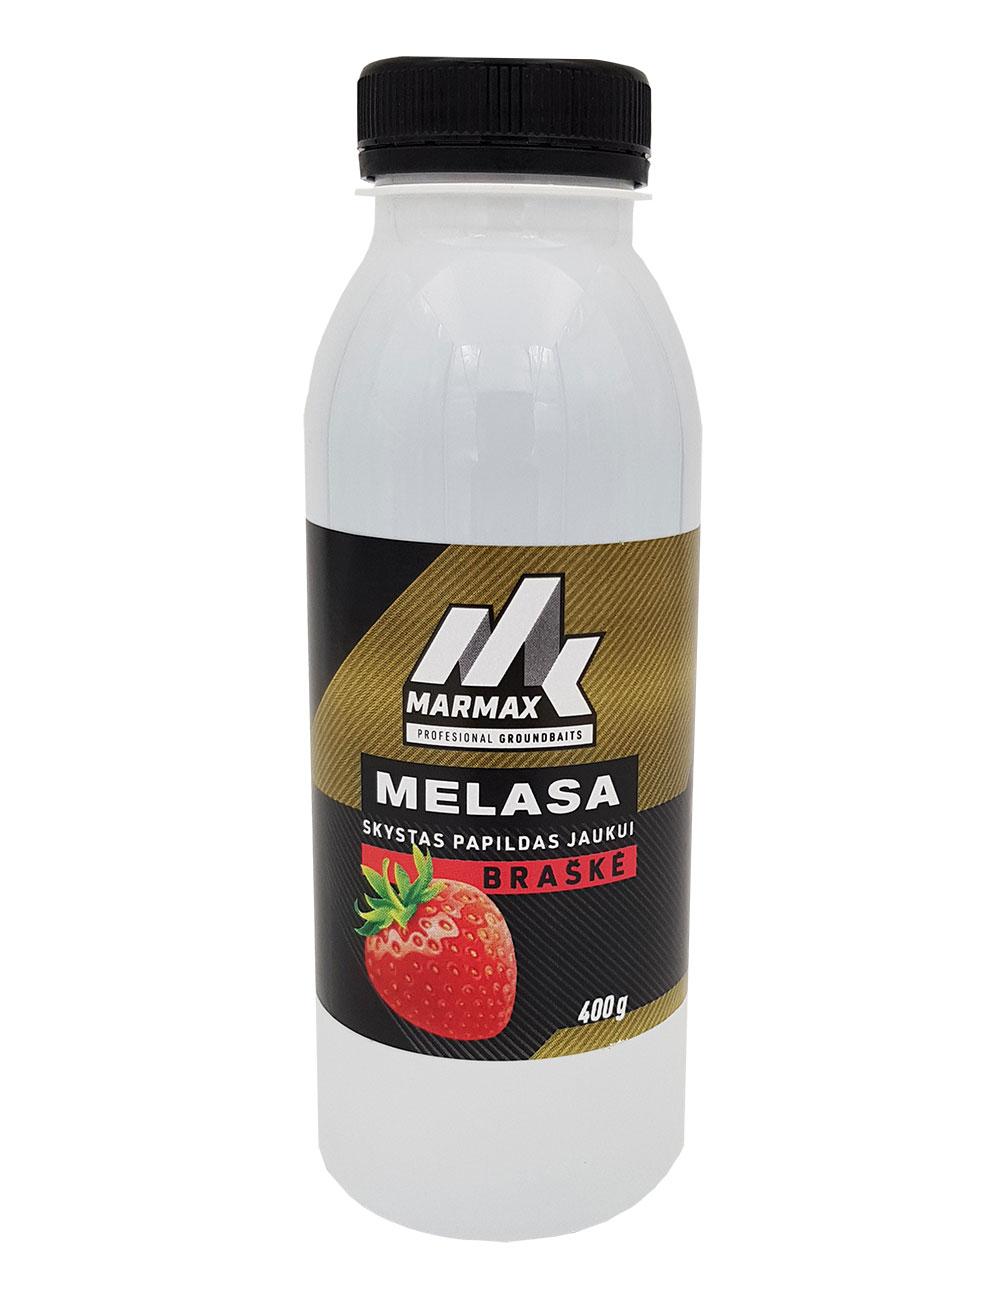 Melasa - Braškė (400g)